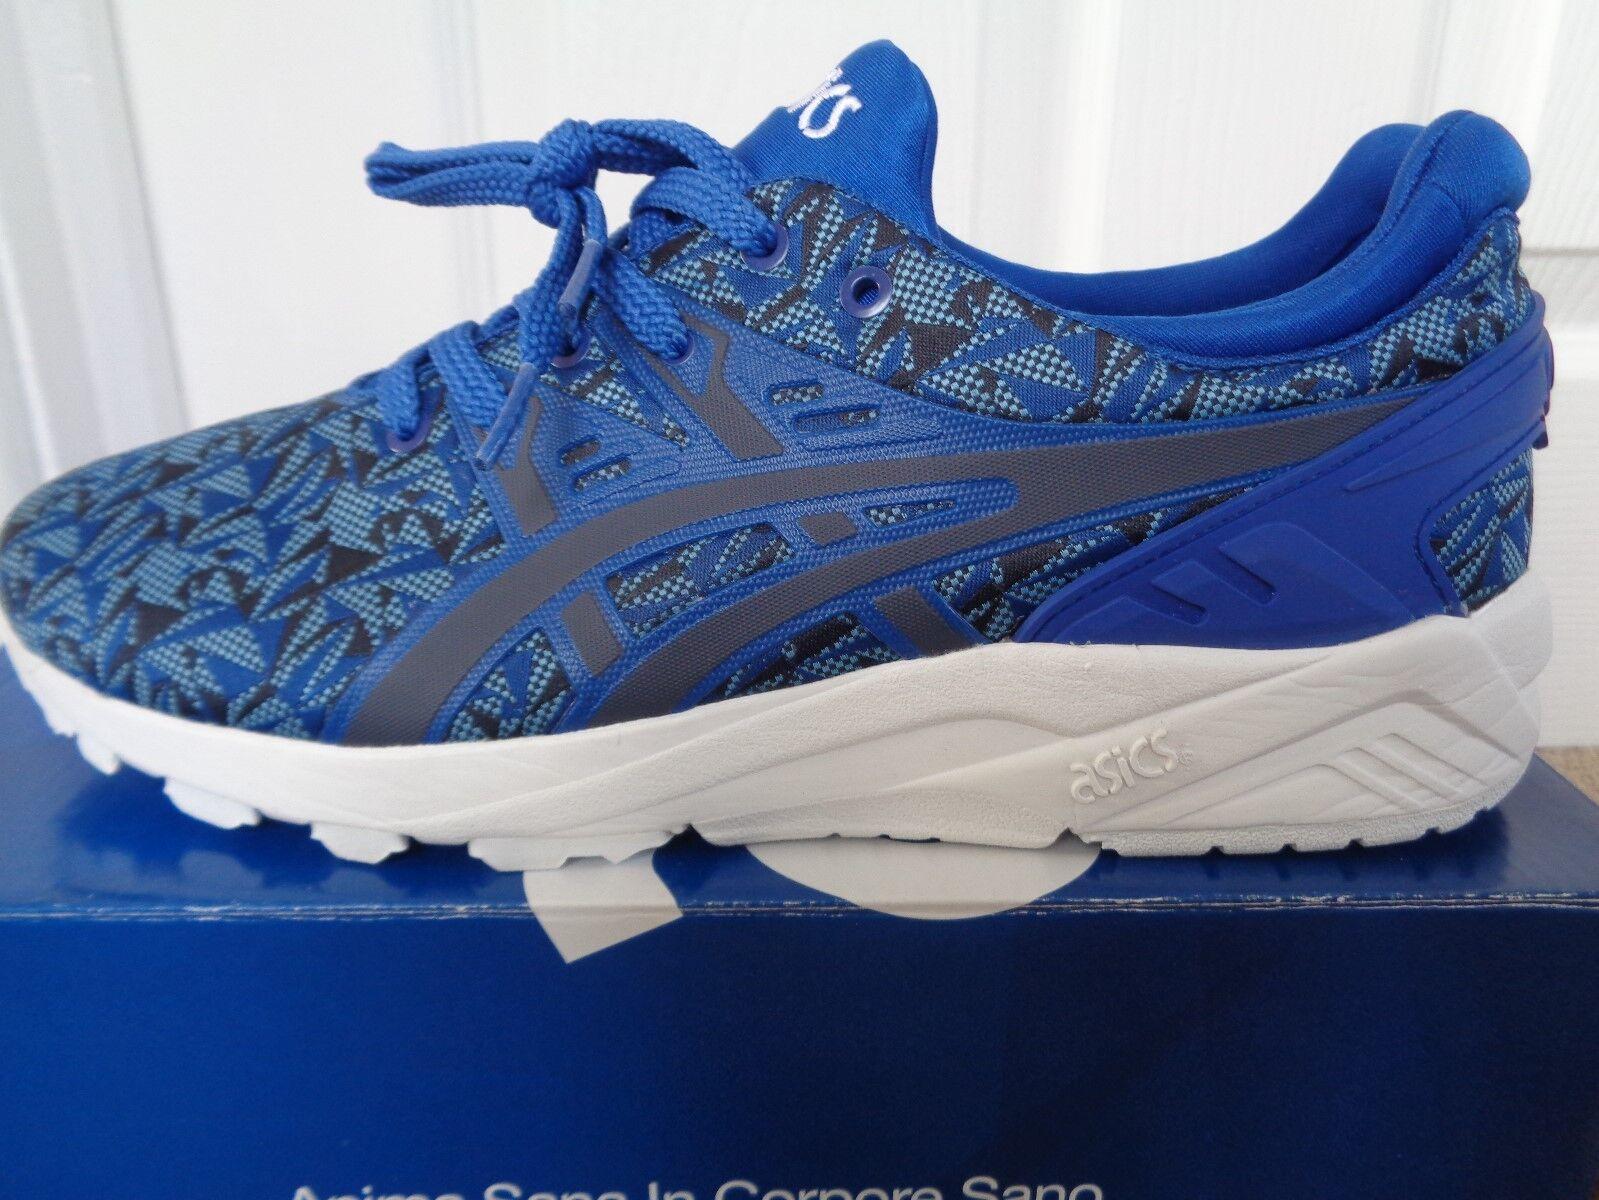 Asics Gel Kayano EVO H621N 4950 trainers sneaker uk 7 eu 41.5 us 8 NEW + BOX